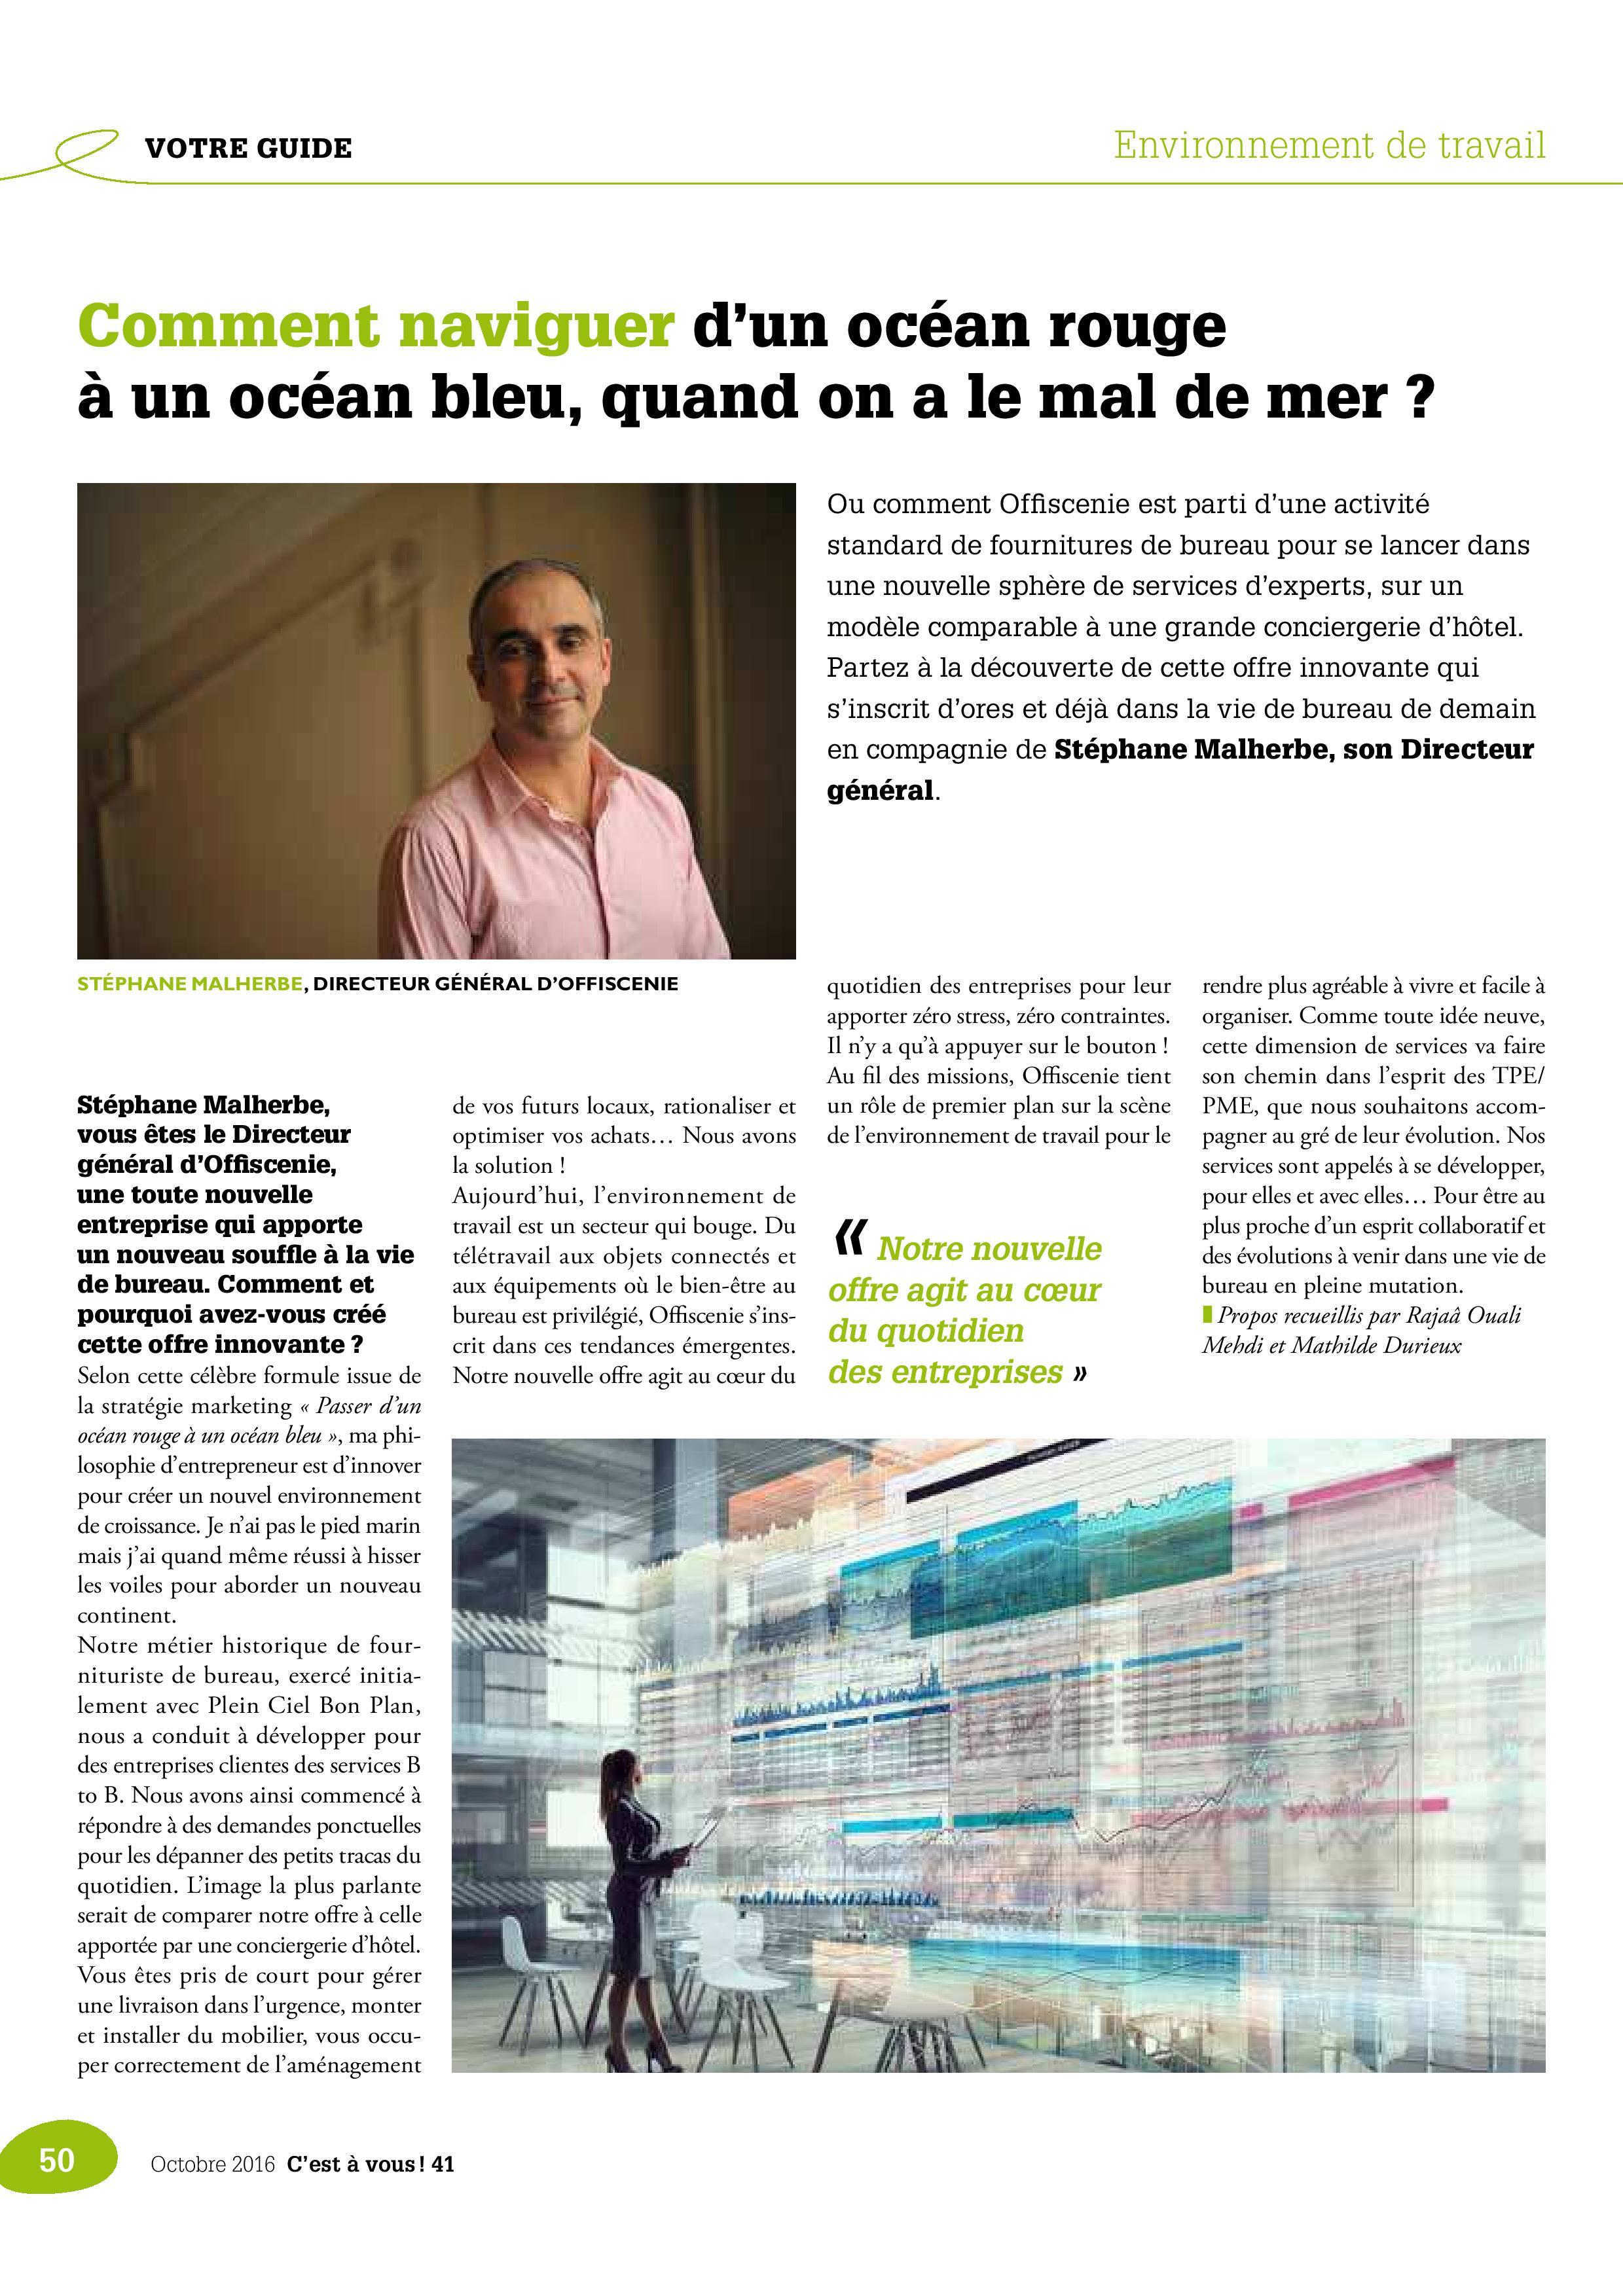 C'est à vous n°41 interview Stéphane Malherbe